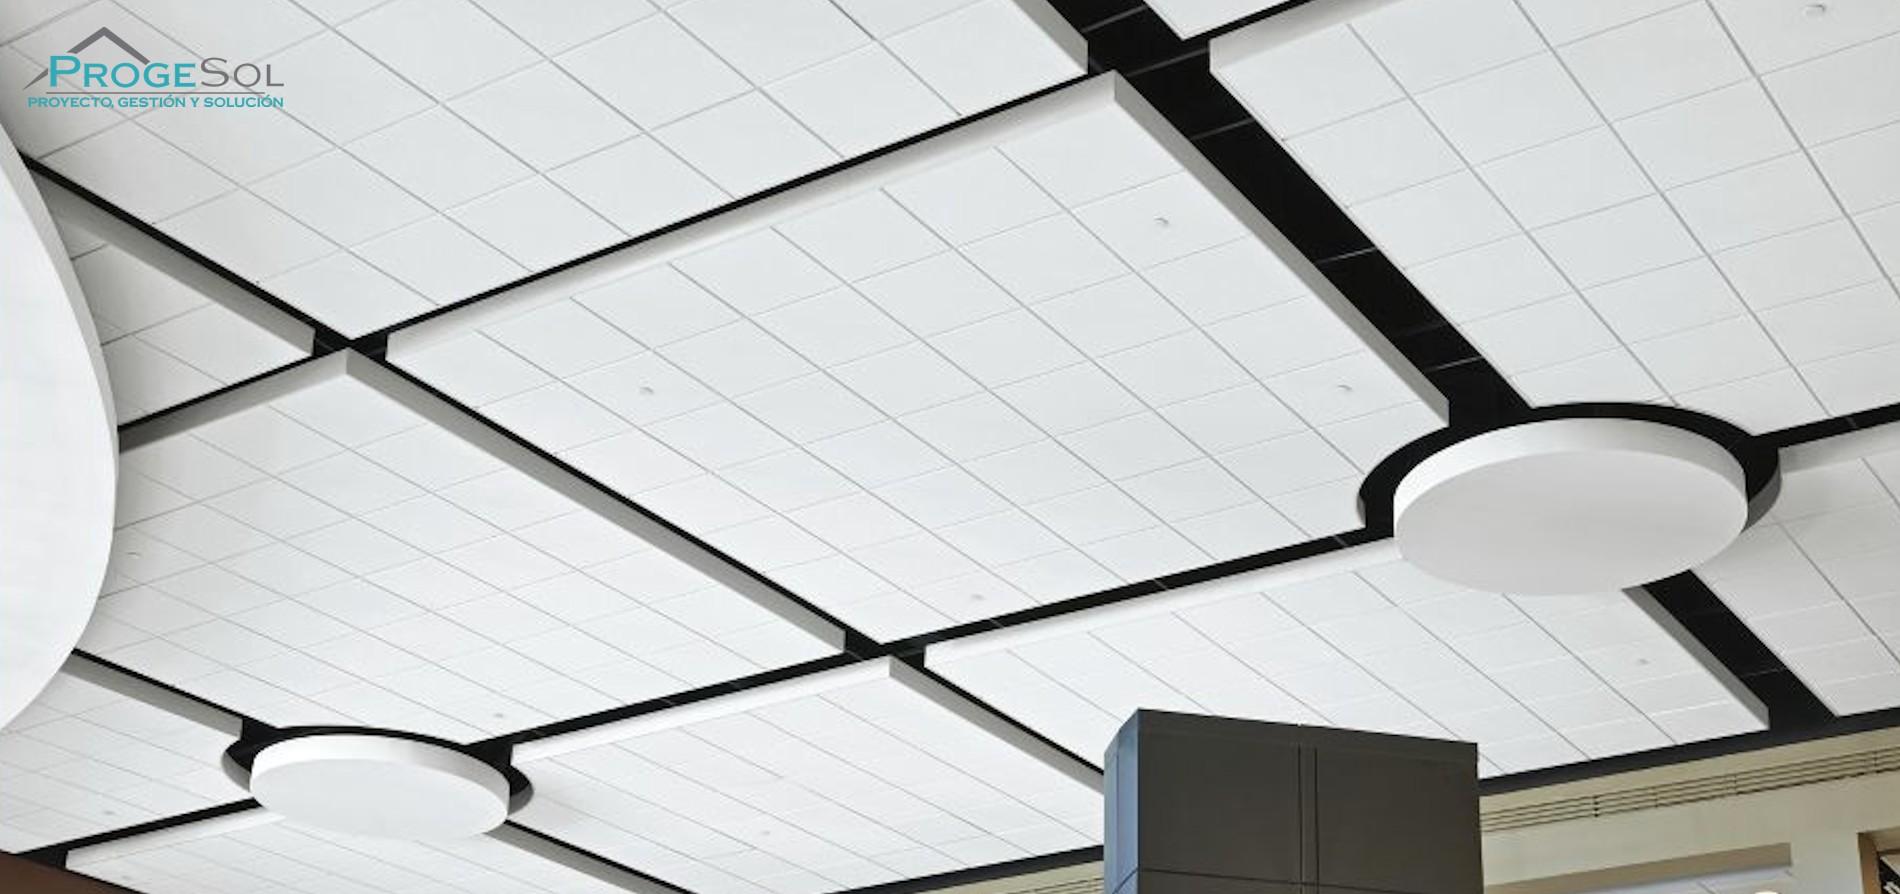 Falso techo continuo falso techo continuo with falso - Falso techo registrable ...